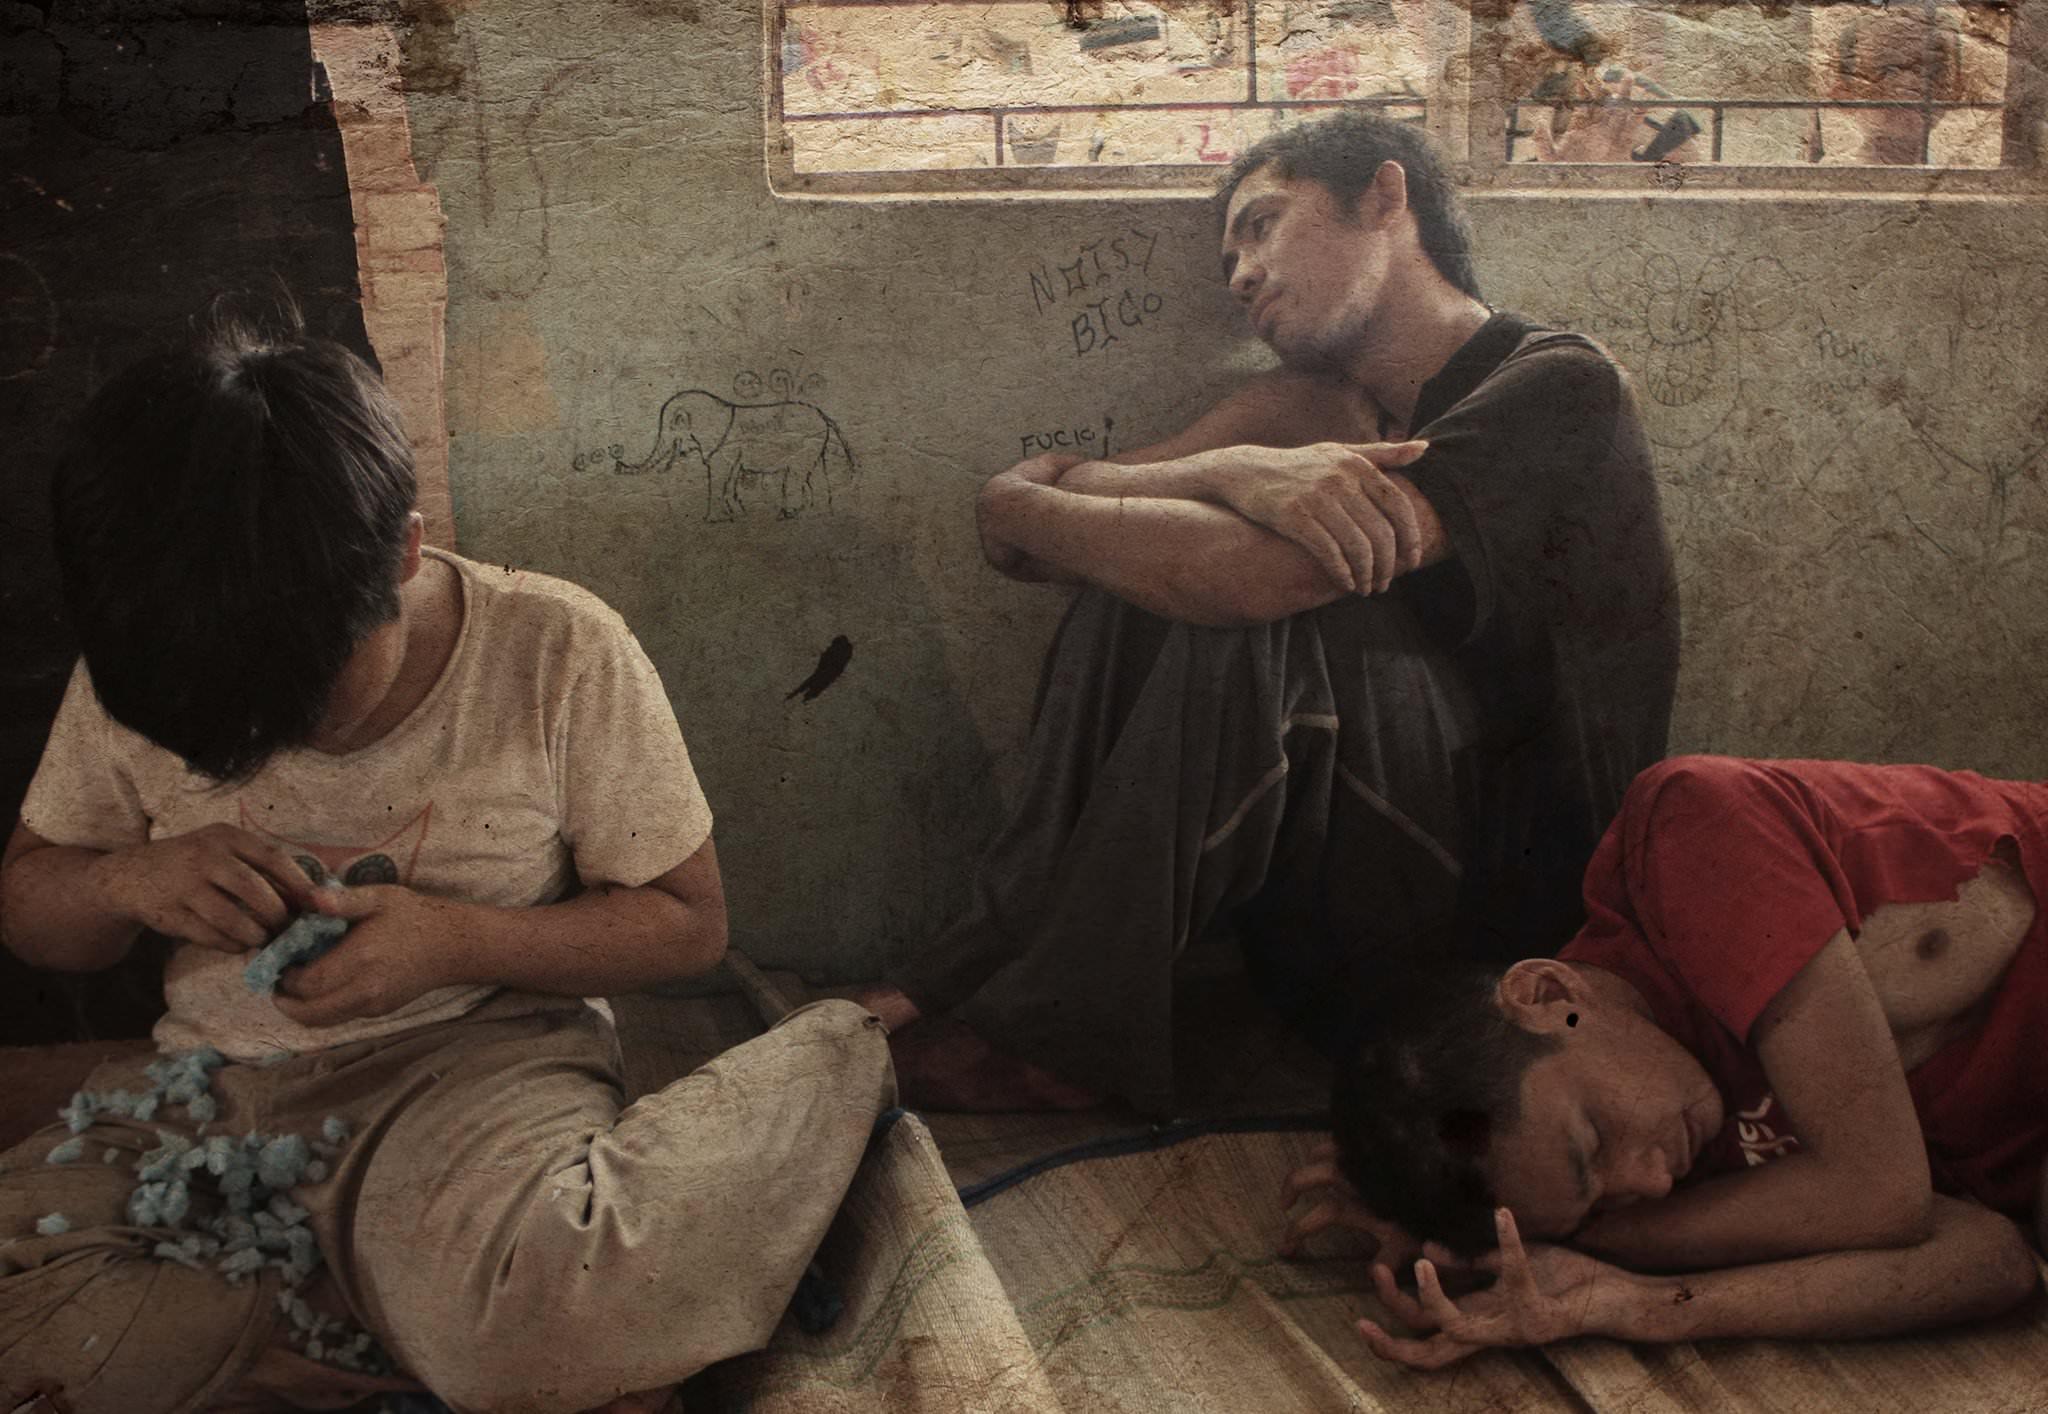 UP Rep walang katapusang godot play